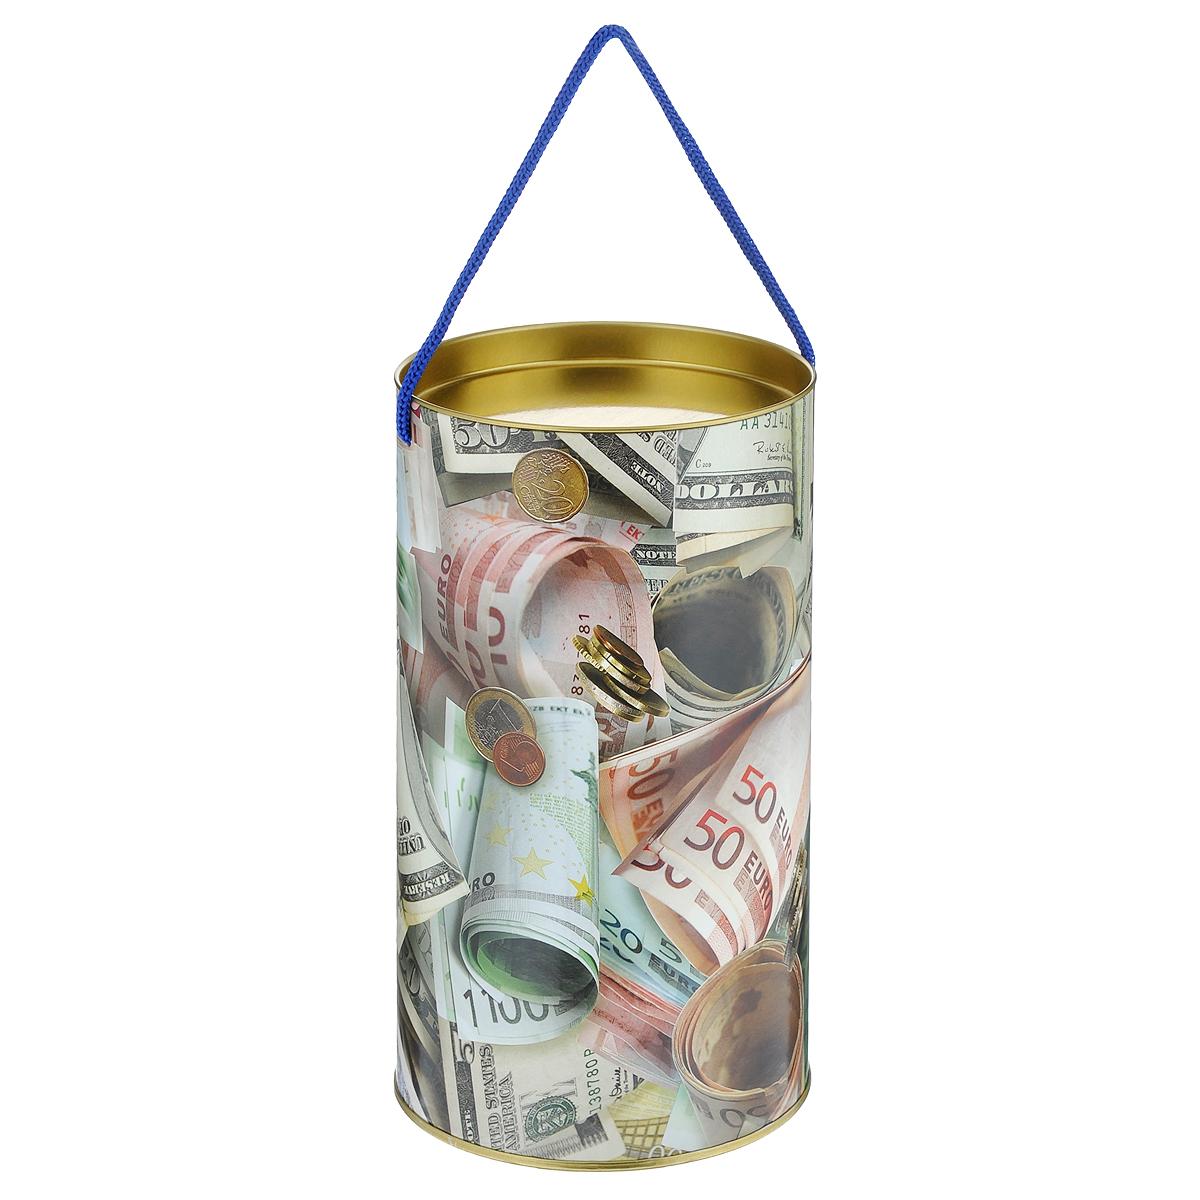 Тубус подарочный Не в деньгах счастье, 12 х 12 х 22 см4610009211558Подарочный тубус Не в деньгах счастье изготовлен из металла и плотного картона, покрытого лаком. Изделие оформлено красивым рисунком в виде различных купюр. Прекрасно подходит в качестве подарочной упаковки для алкоголя и многого другого. Красивый дизайн привлекает внимание, кроме того, он универсальный, поэтому тубус подойдет в качестве подарочной упаковки как для женщин, так и для мужчин. Для удобства переноски тубус снабжен ручкой-шнурком. Подарок, преподнесенный в оригинальной упаковке, всегда будет самым эффектным и запоминающимся. Окружите близких людей вниманием и заботой, вручив презент в нарядном, праздничном оформлении.